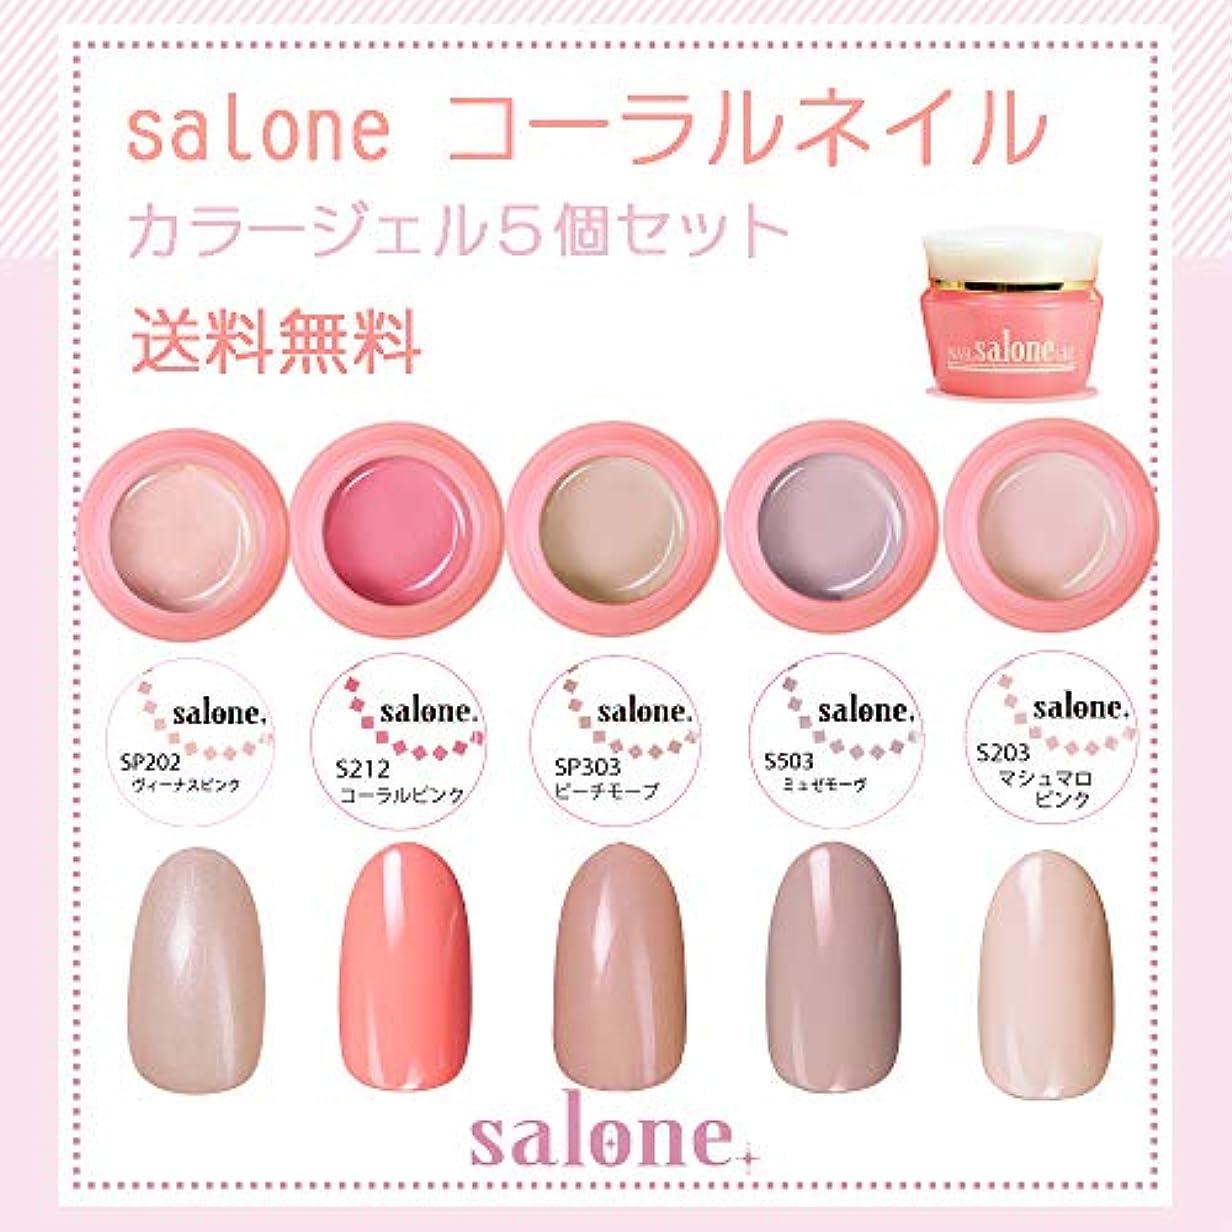 【送料無料 日本製】Salone コーラルネイル カラージェル5個セット 明るくて肌なじみの良い人気カラーをチョイスしました。